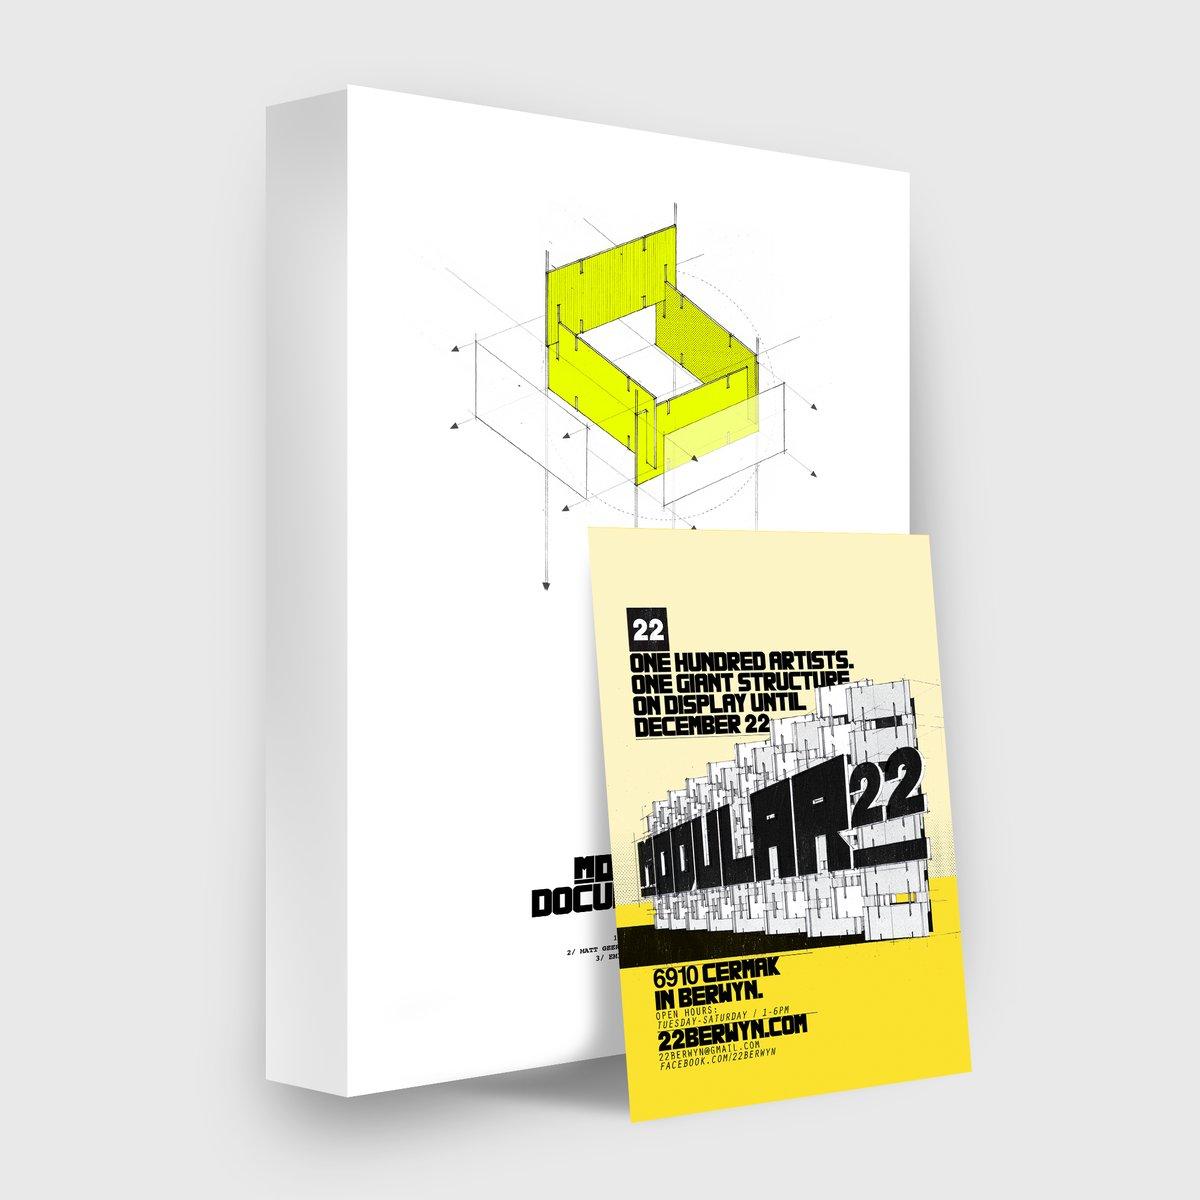 Image of Modular22 Book